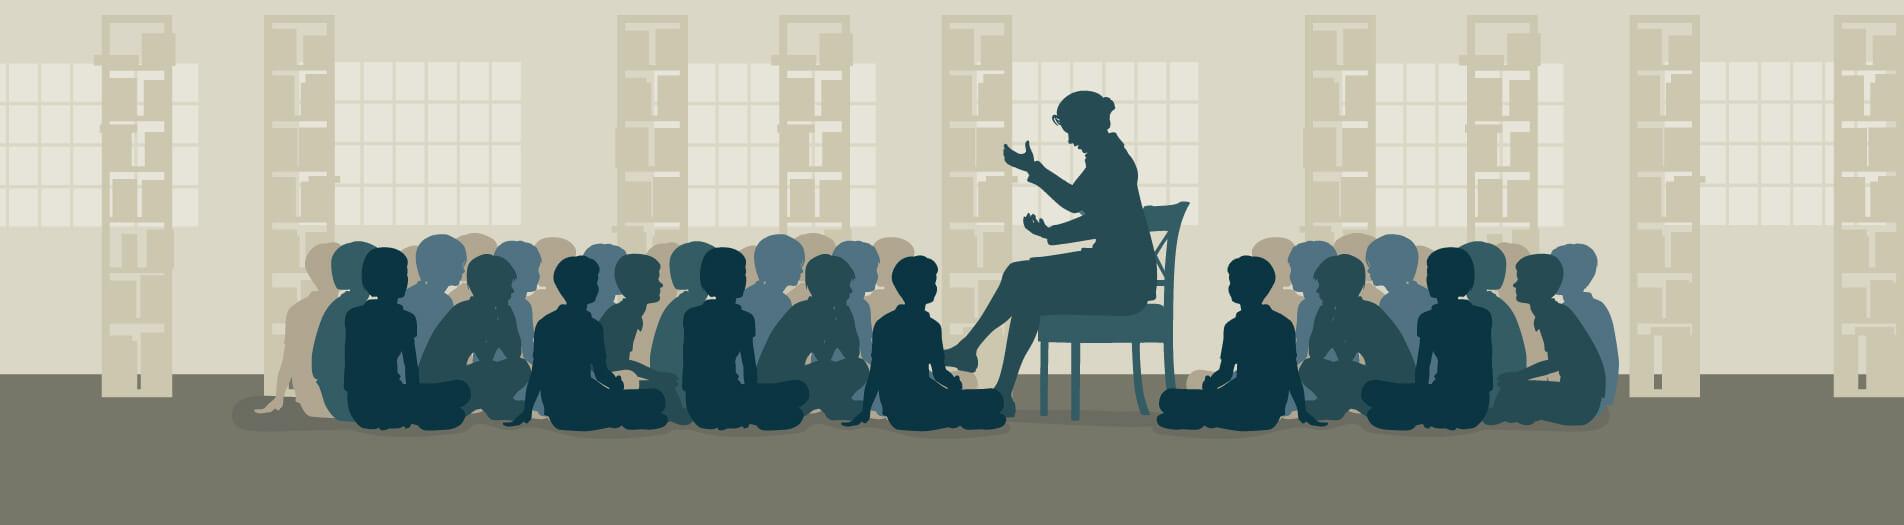 روشهایی خلاق برای برقراری آرامش در کلاس